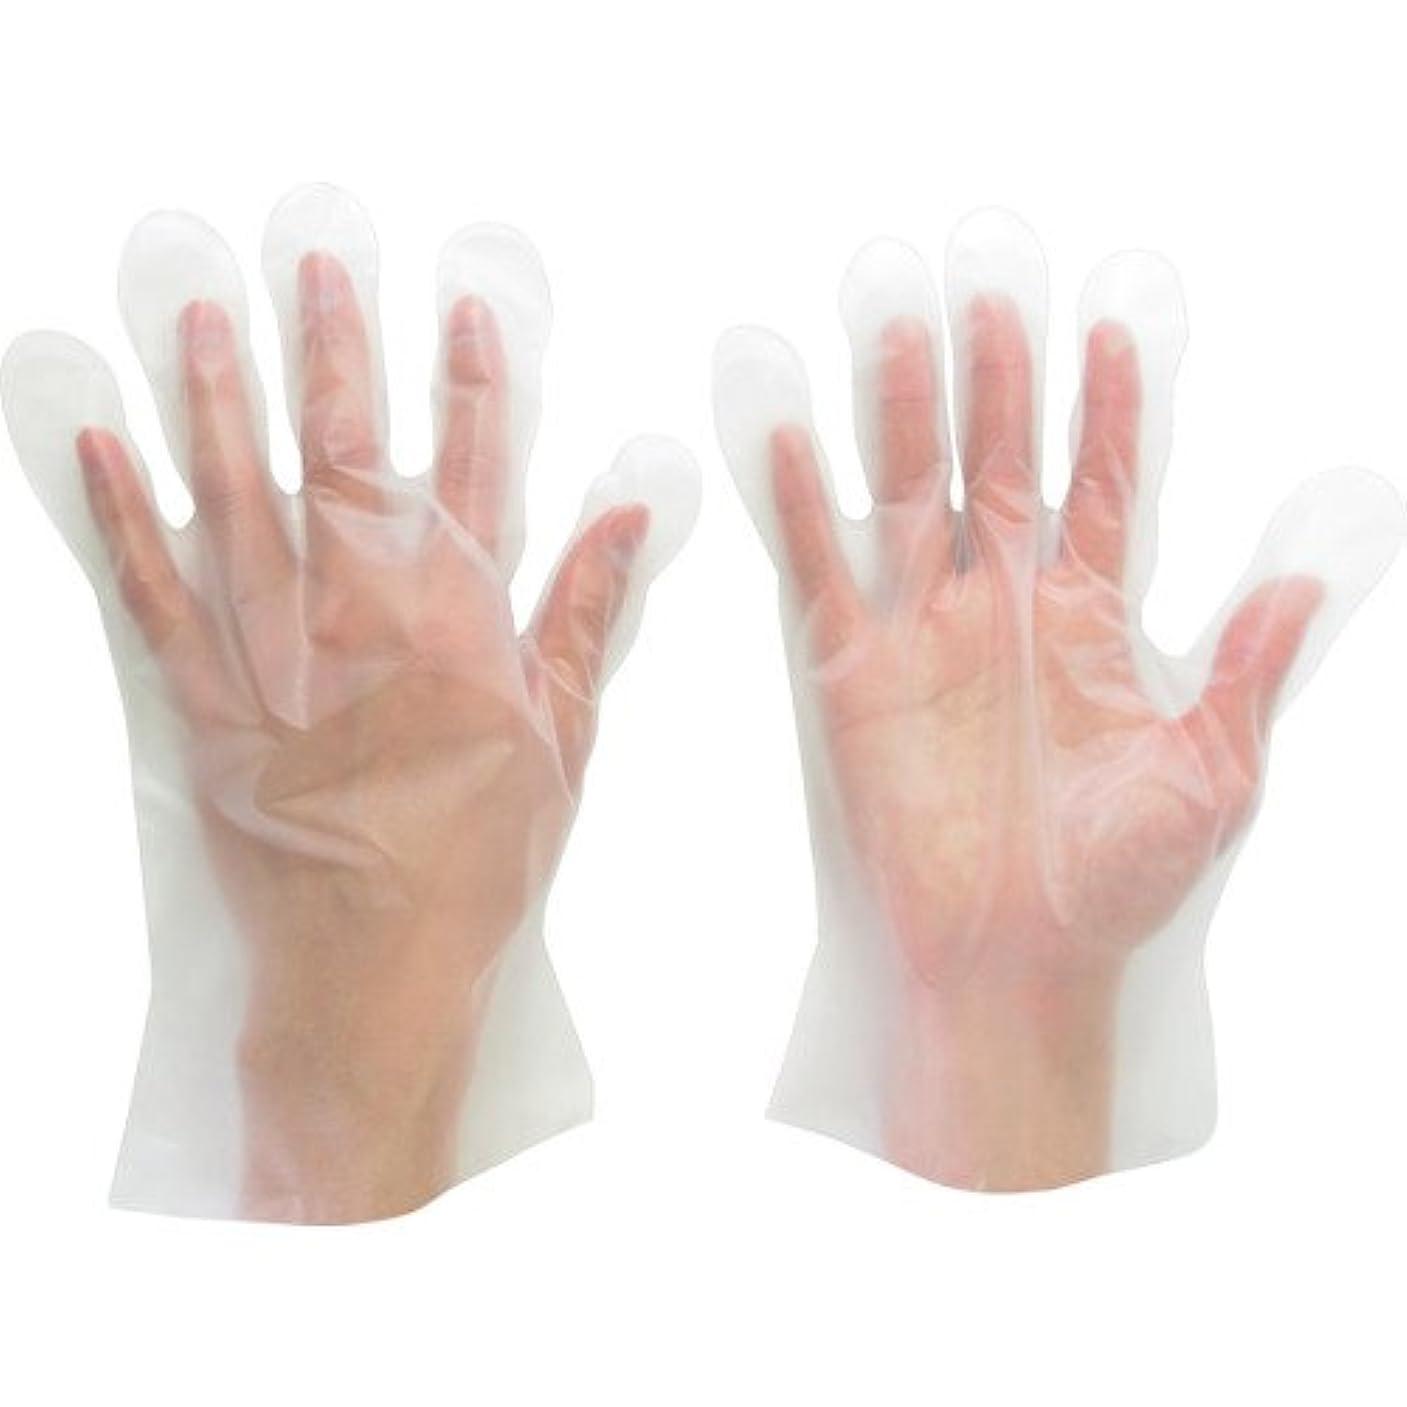 高原助言する溶けたミドリ安全 ポリエチレンディスポ手袋 ベルテ573 100枚 袋入 M(入数:100枚) VERTE-573-M